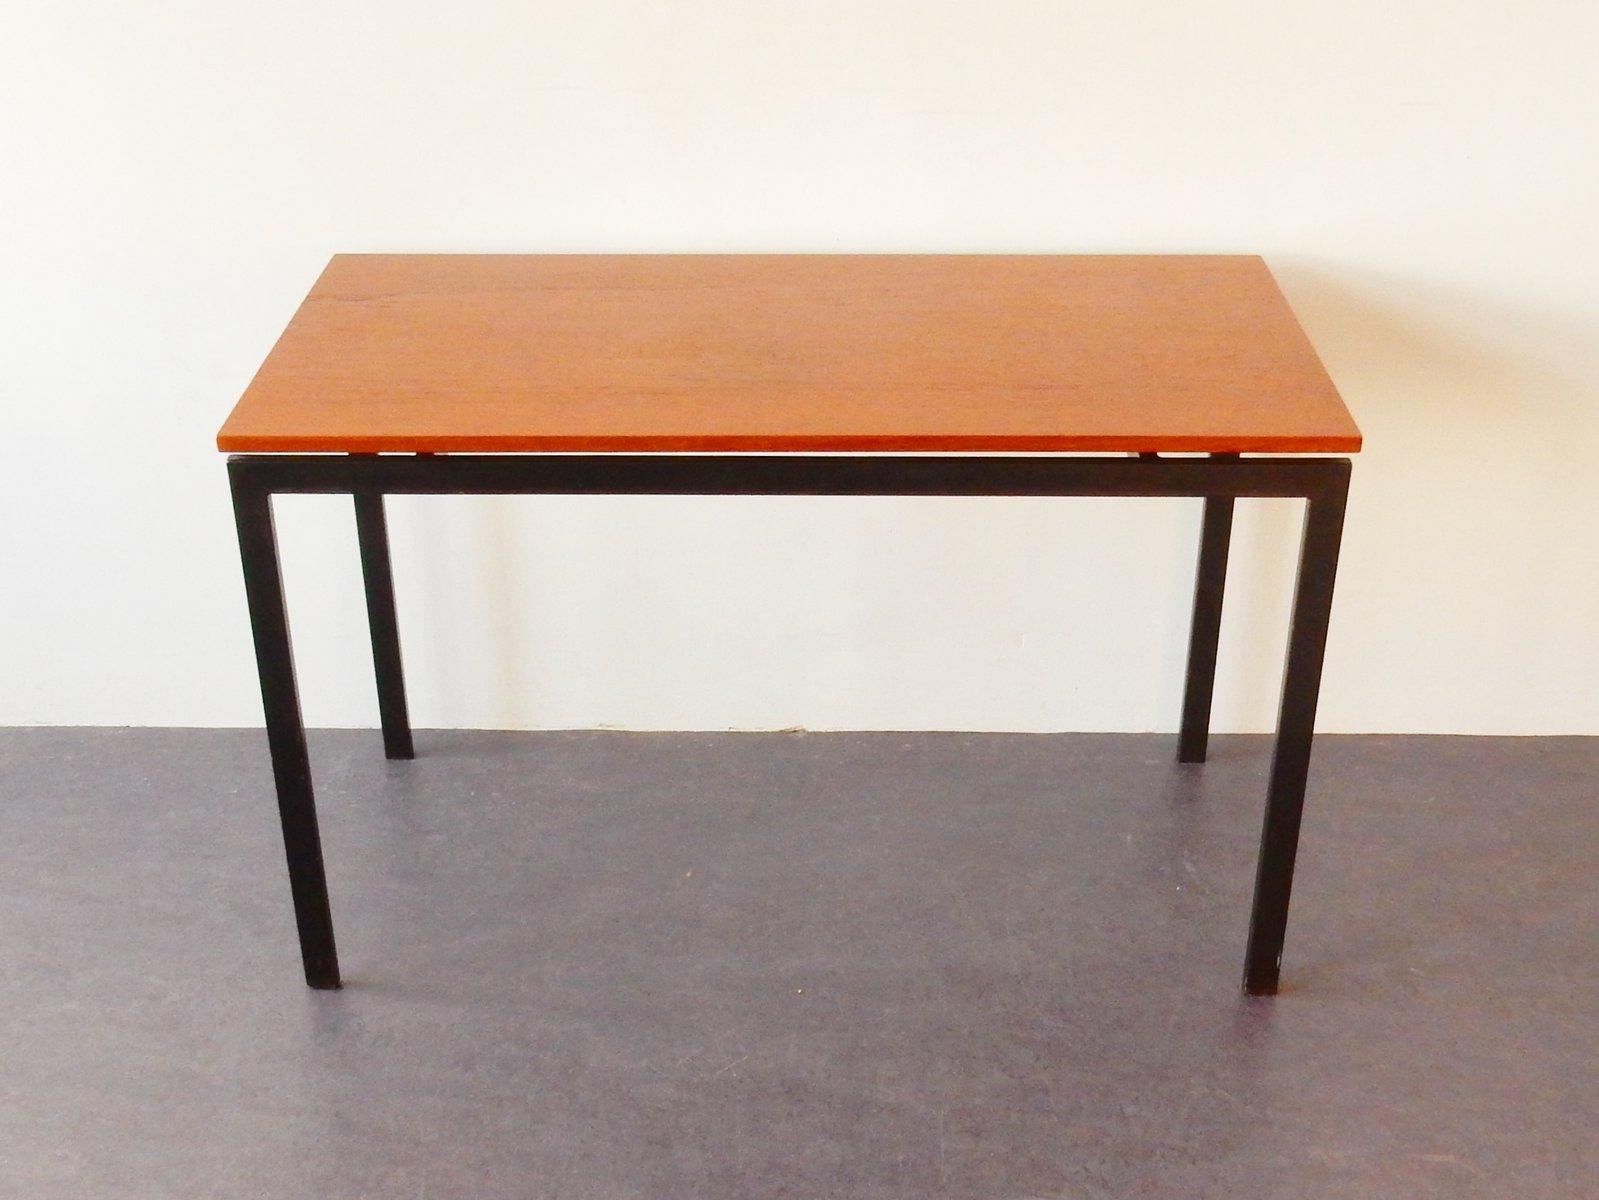 kleiner niederl ndischer tisch 1950er bei pamono kaufen. Black Bedroom Furniture Sets. Home Design Ideas